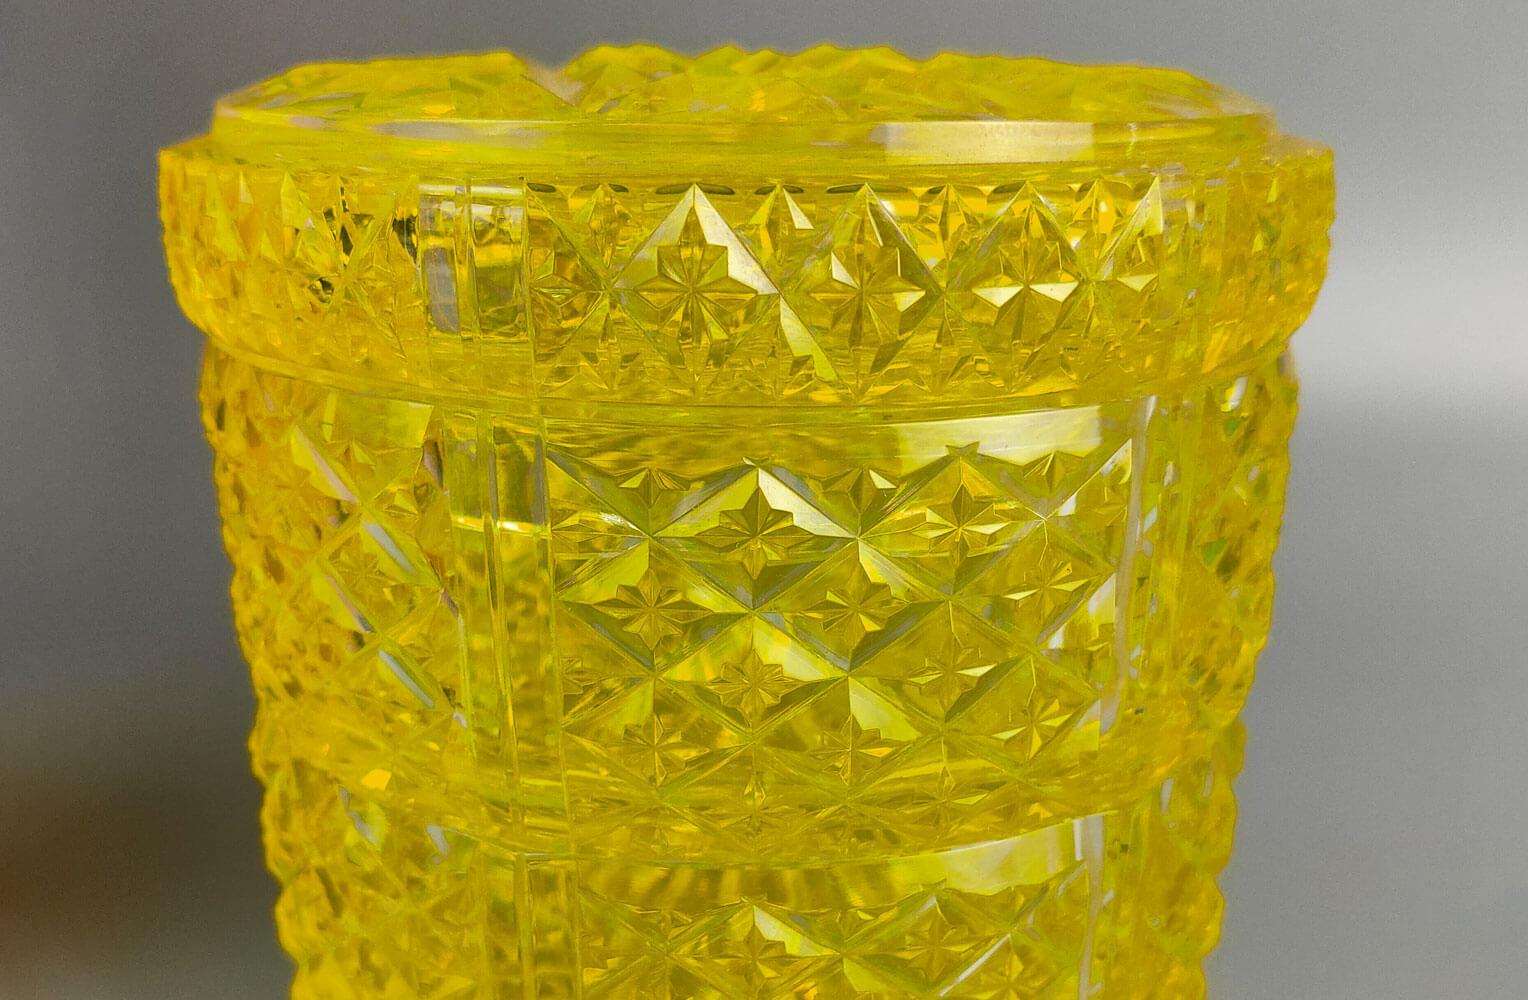 復元薩摩切子 被せガラス切子三段重 尚古集成館監修 薩摩ガラス工芸作 商品アップ画像